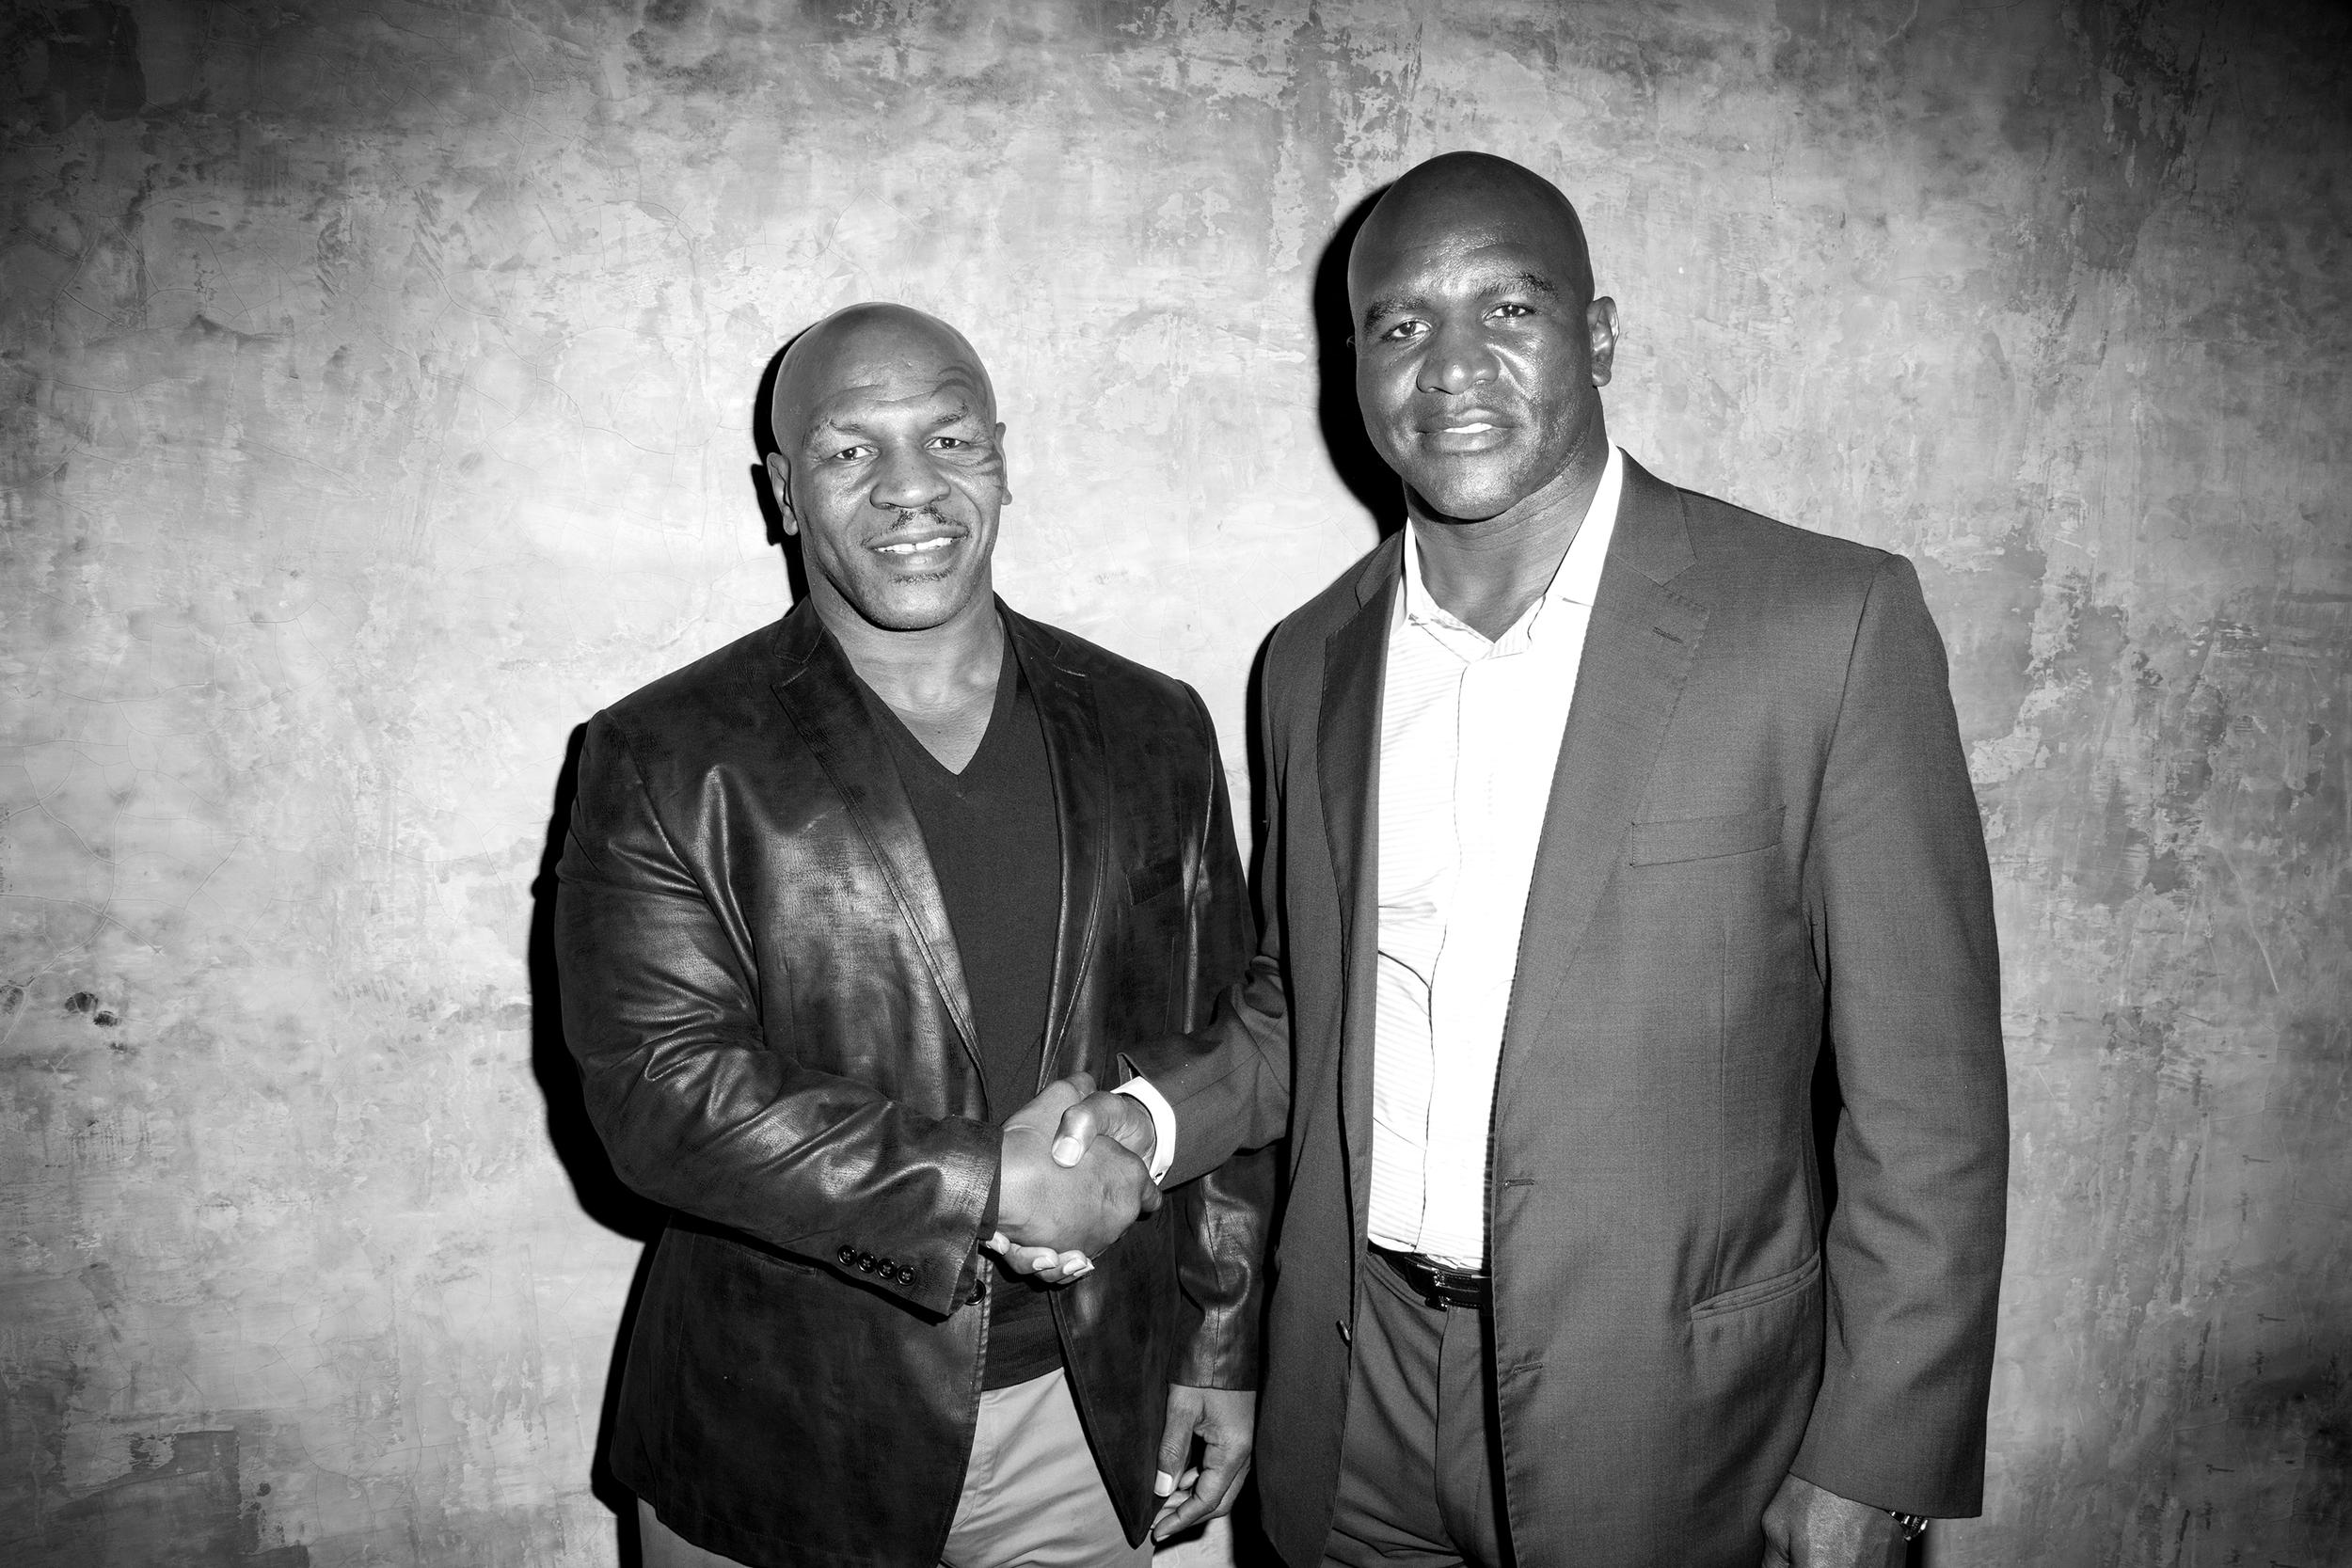 Tyson&Evander.jpg